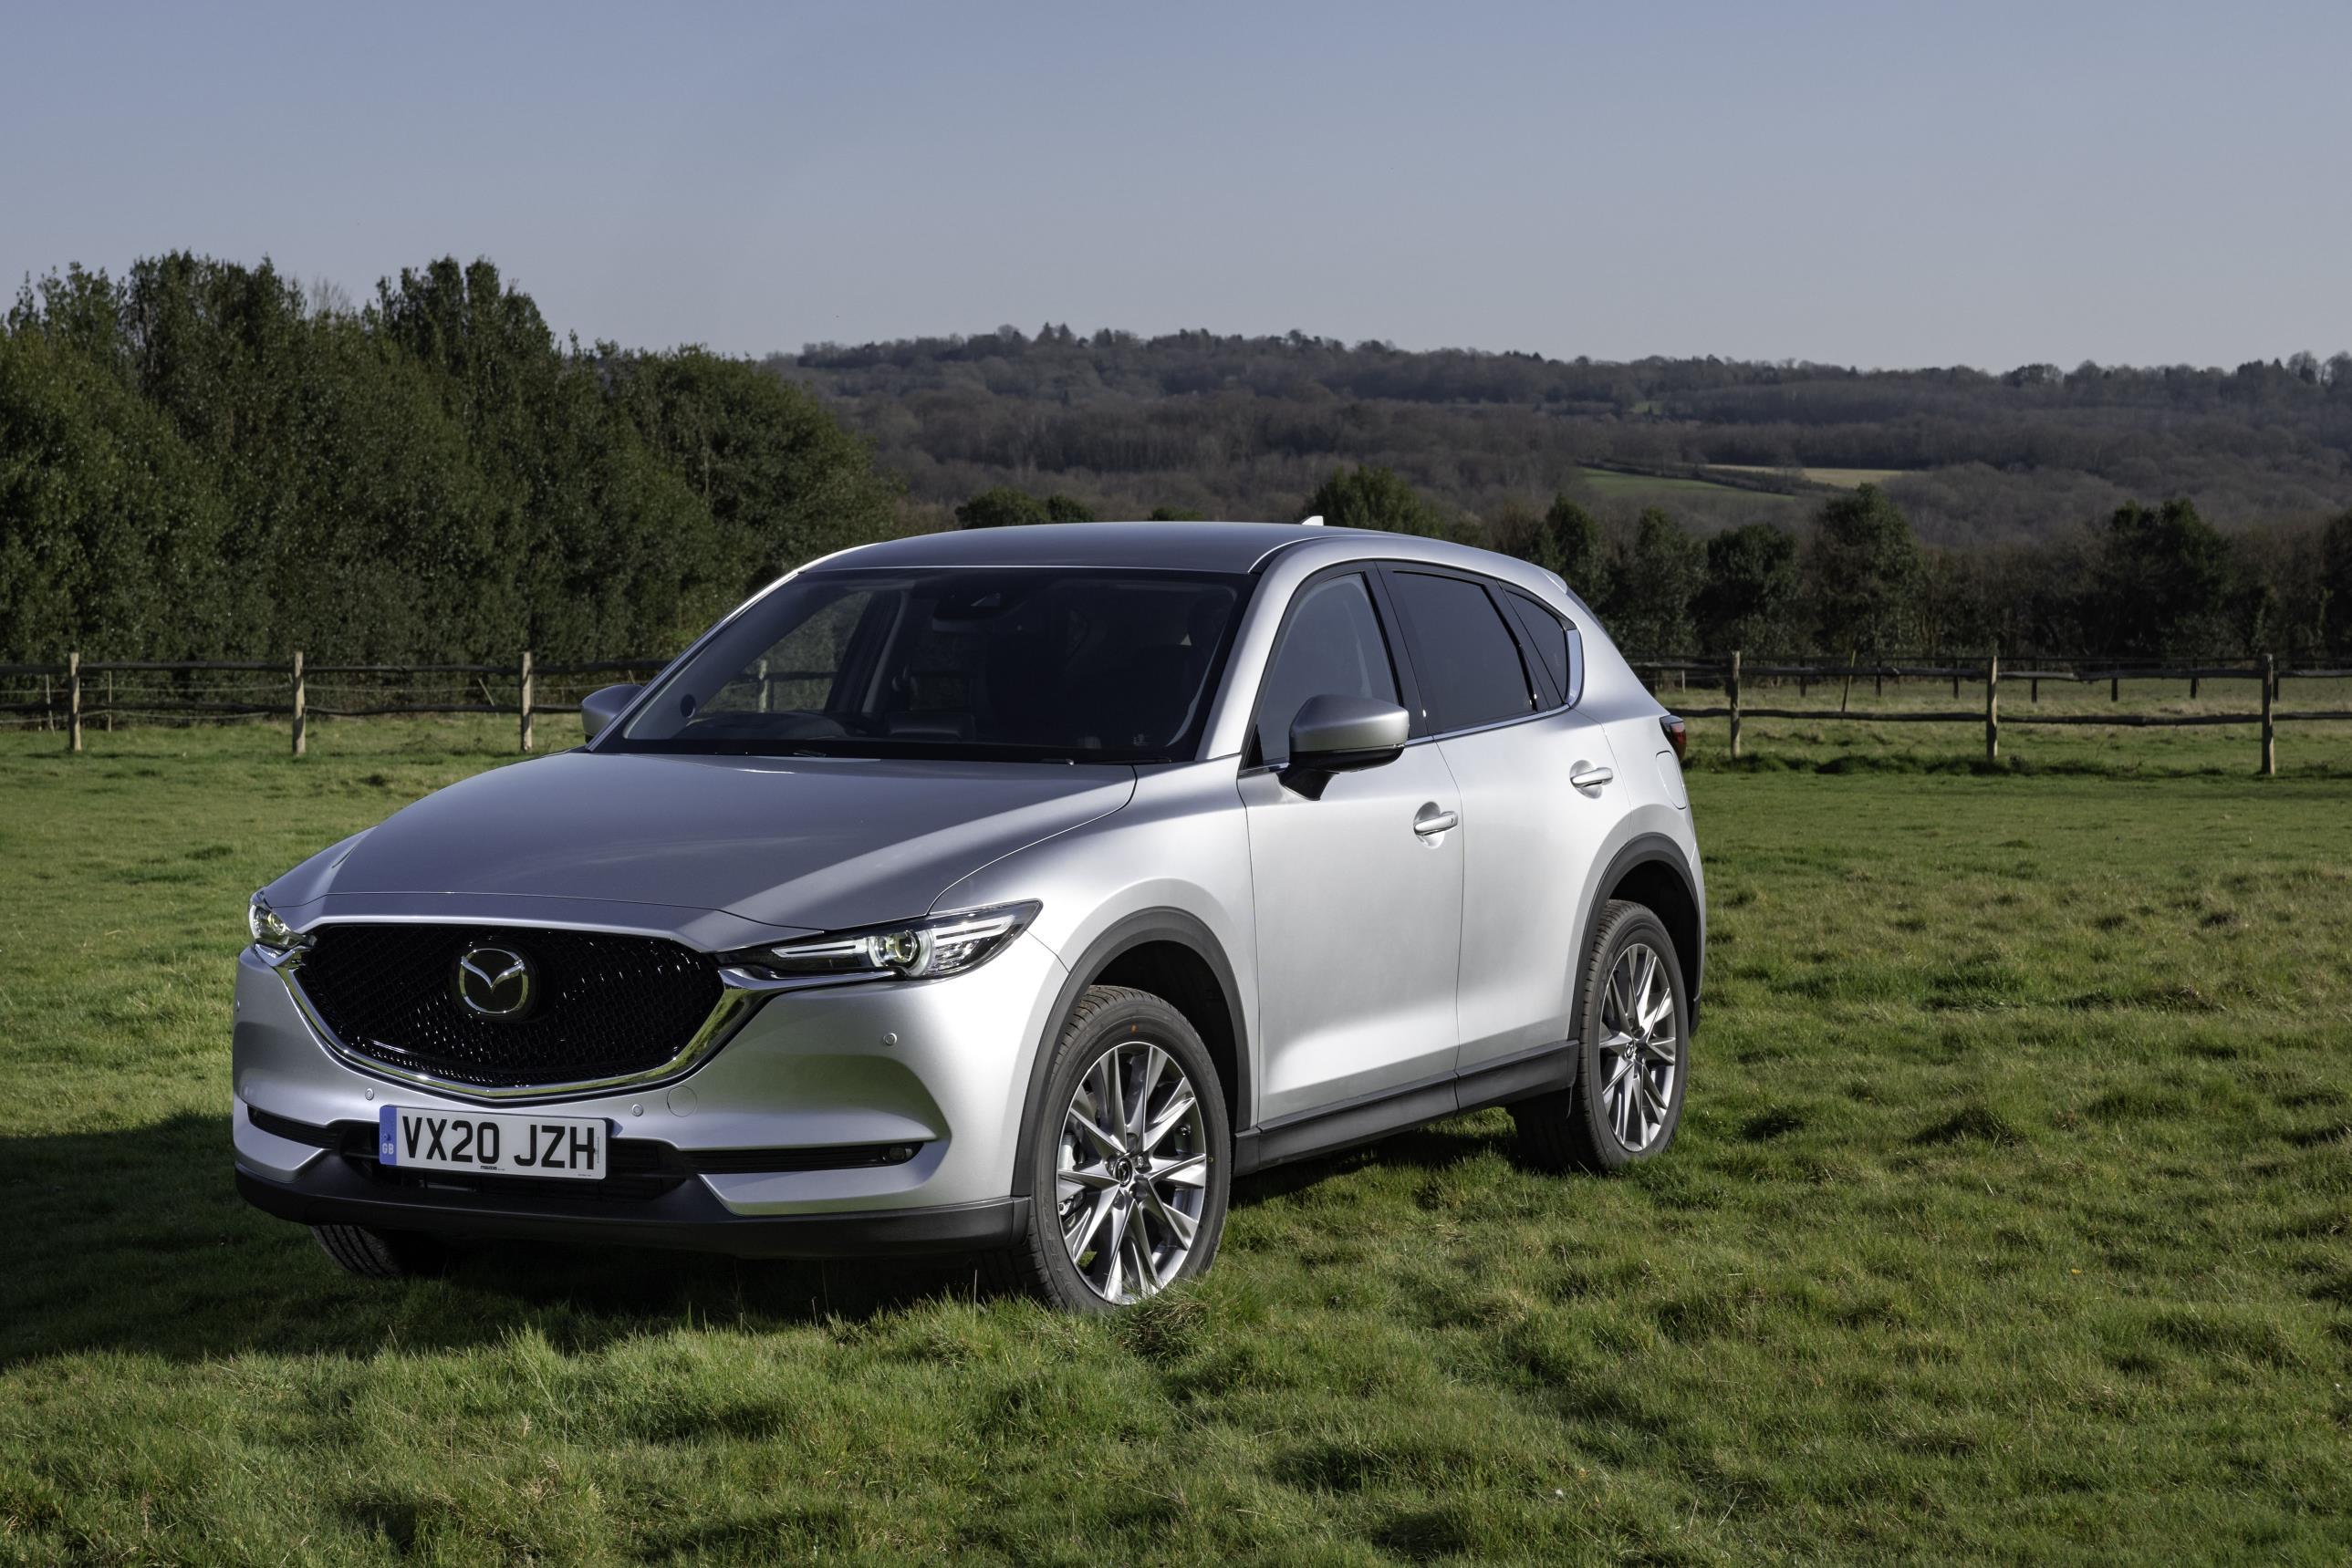 Kelebihan Kekurangan Mazda Cx 5 2020 Harga